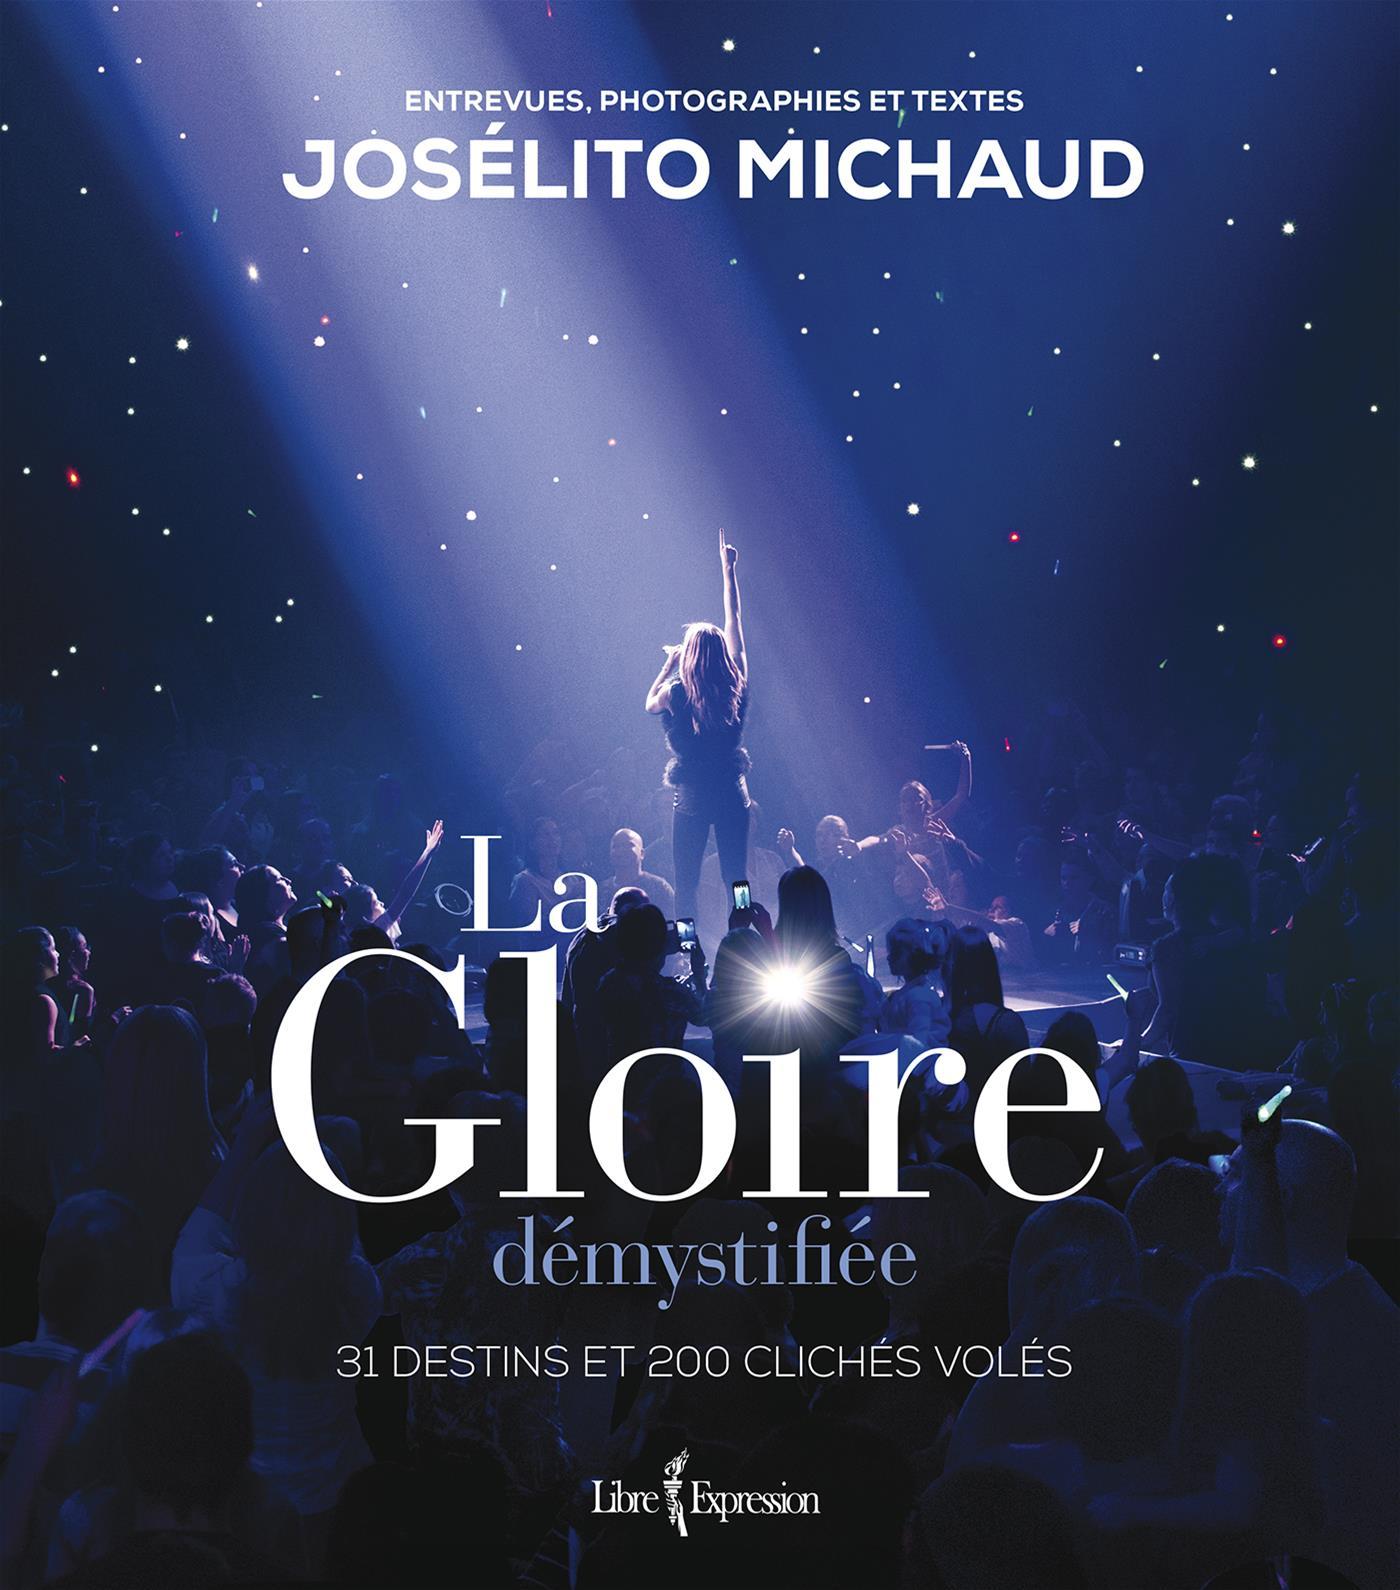 La Gloire démystifiée - 31 destins et 200 clichés volés